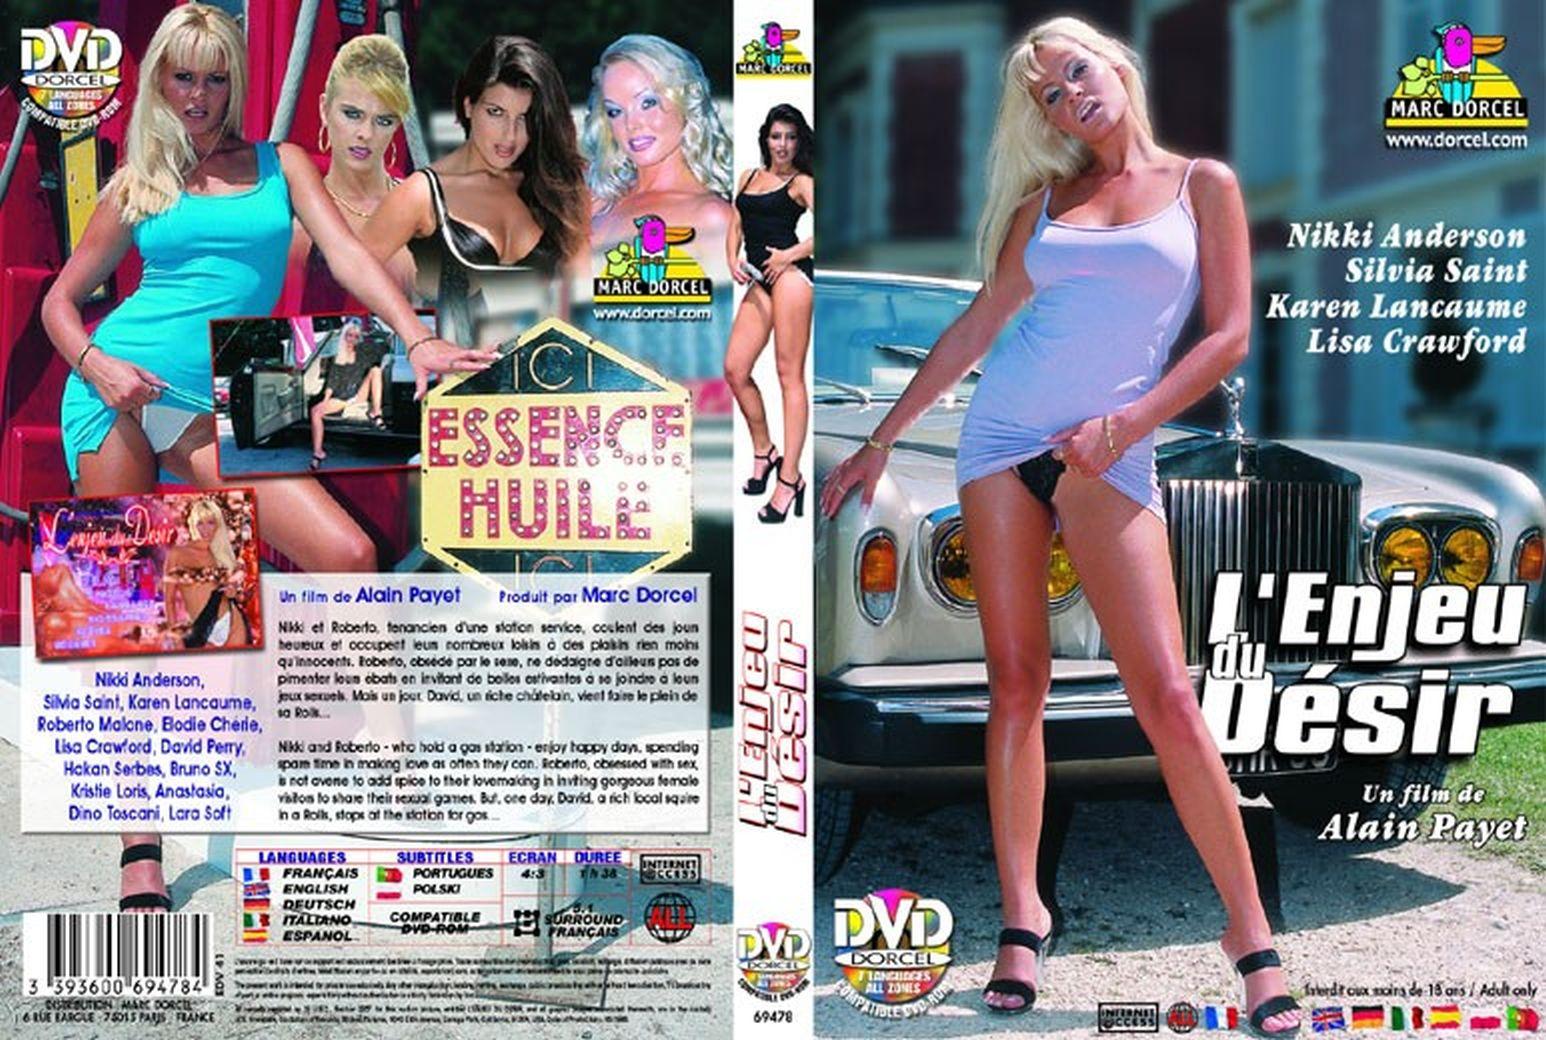 Сильвия сайнт никки андерсон и кейт мур ninfa best lesbian scene 13 фотография